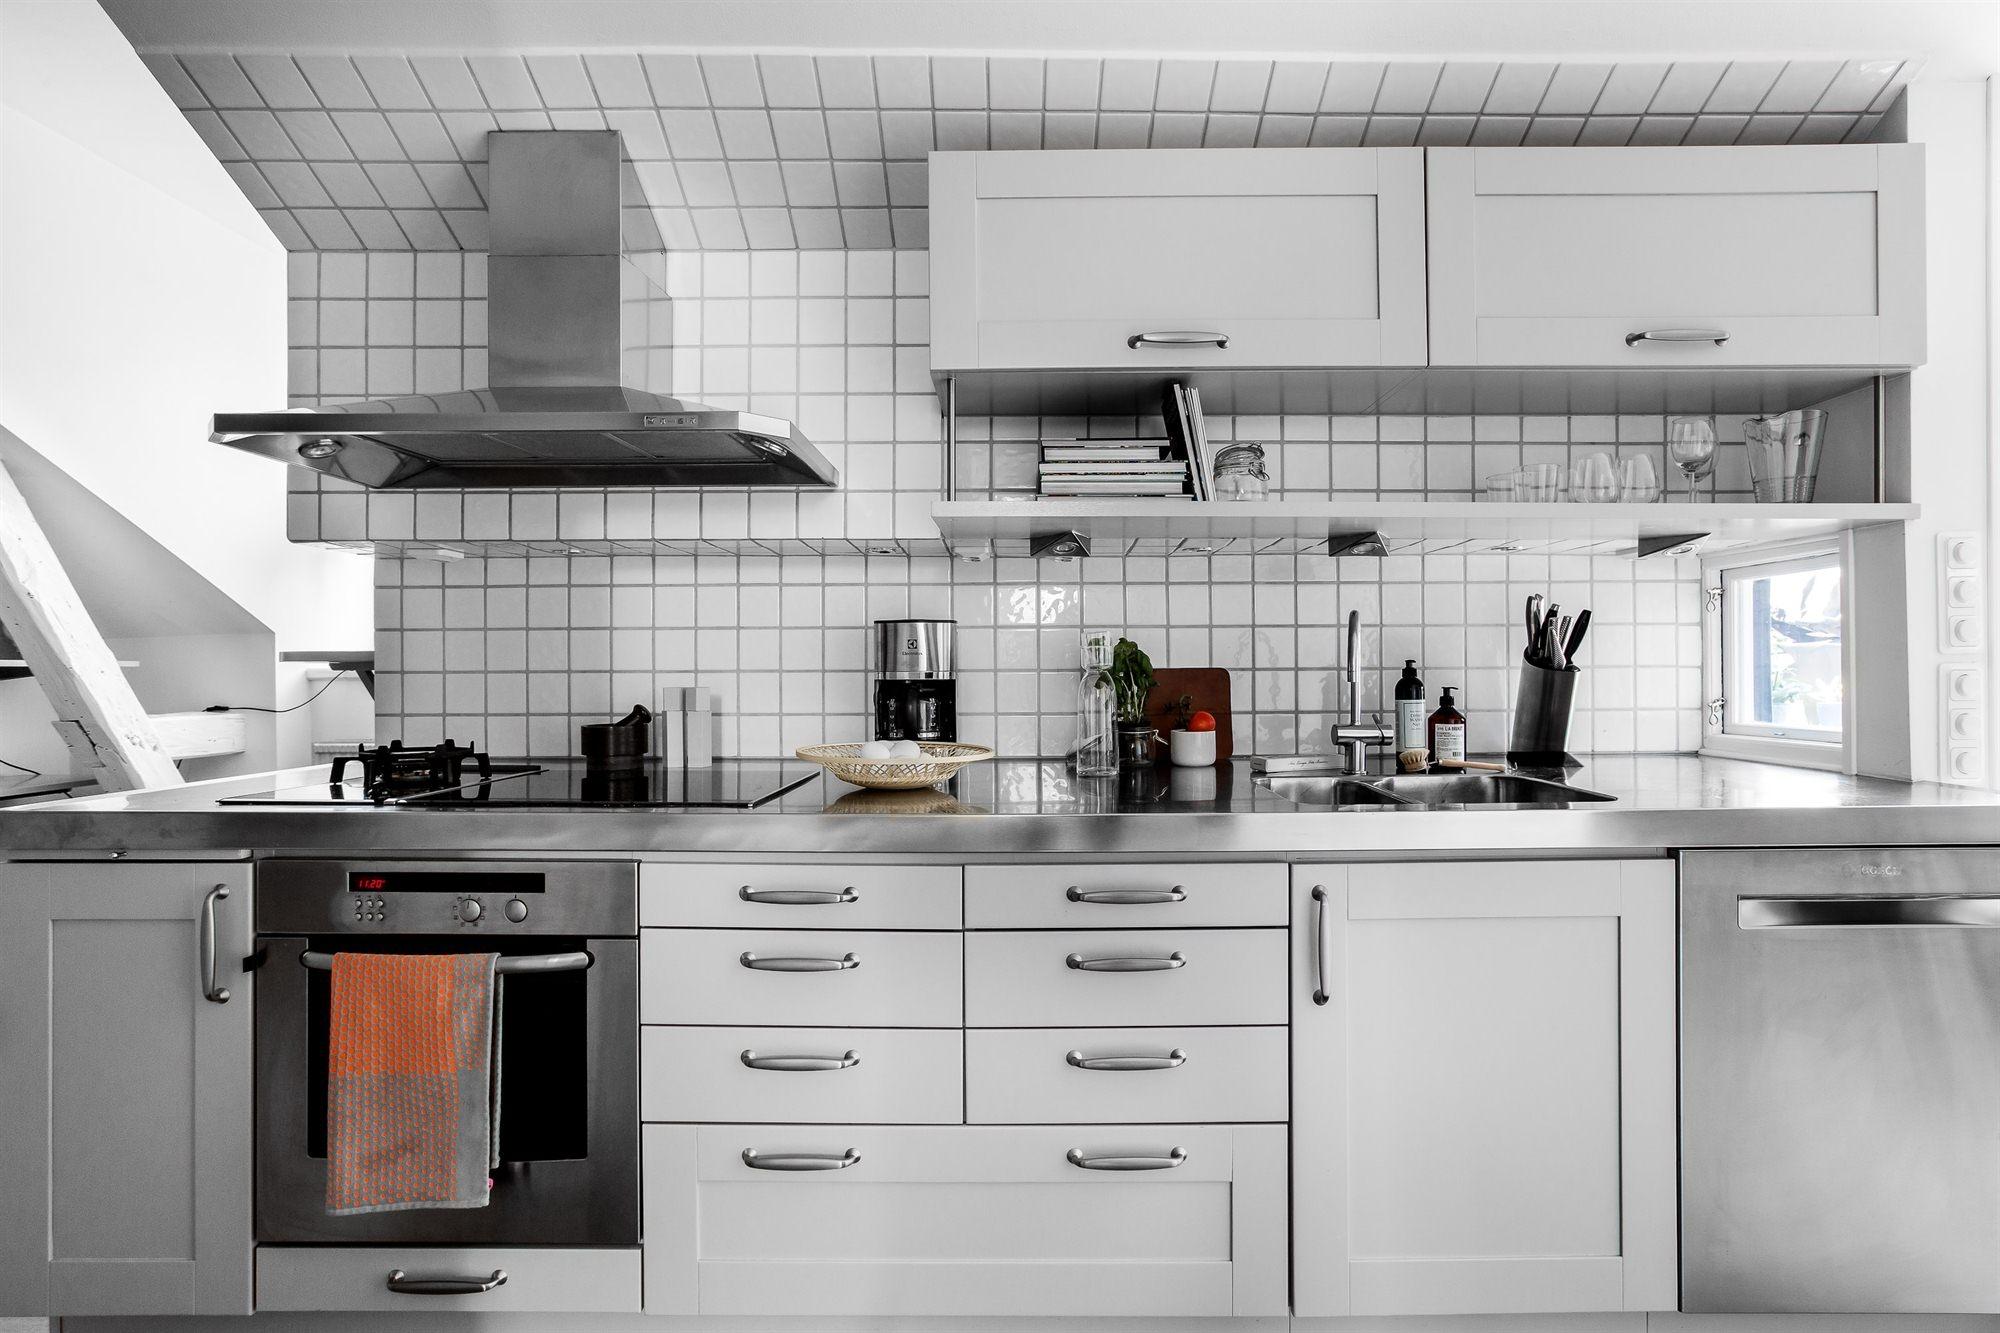 кухня мебель столешница варочная панель духовка вытяжка